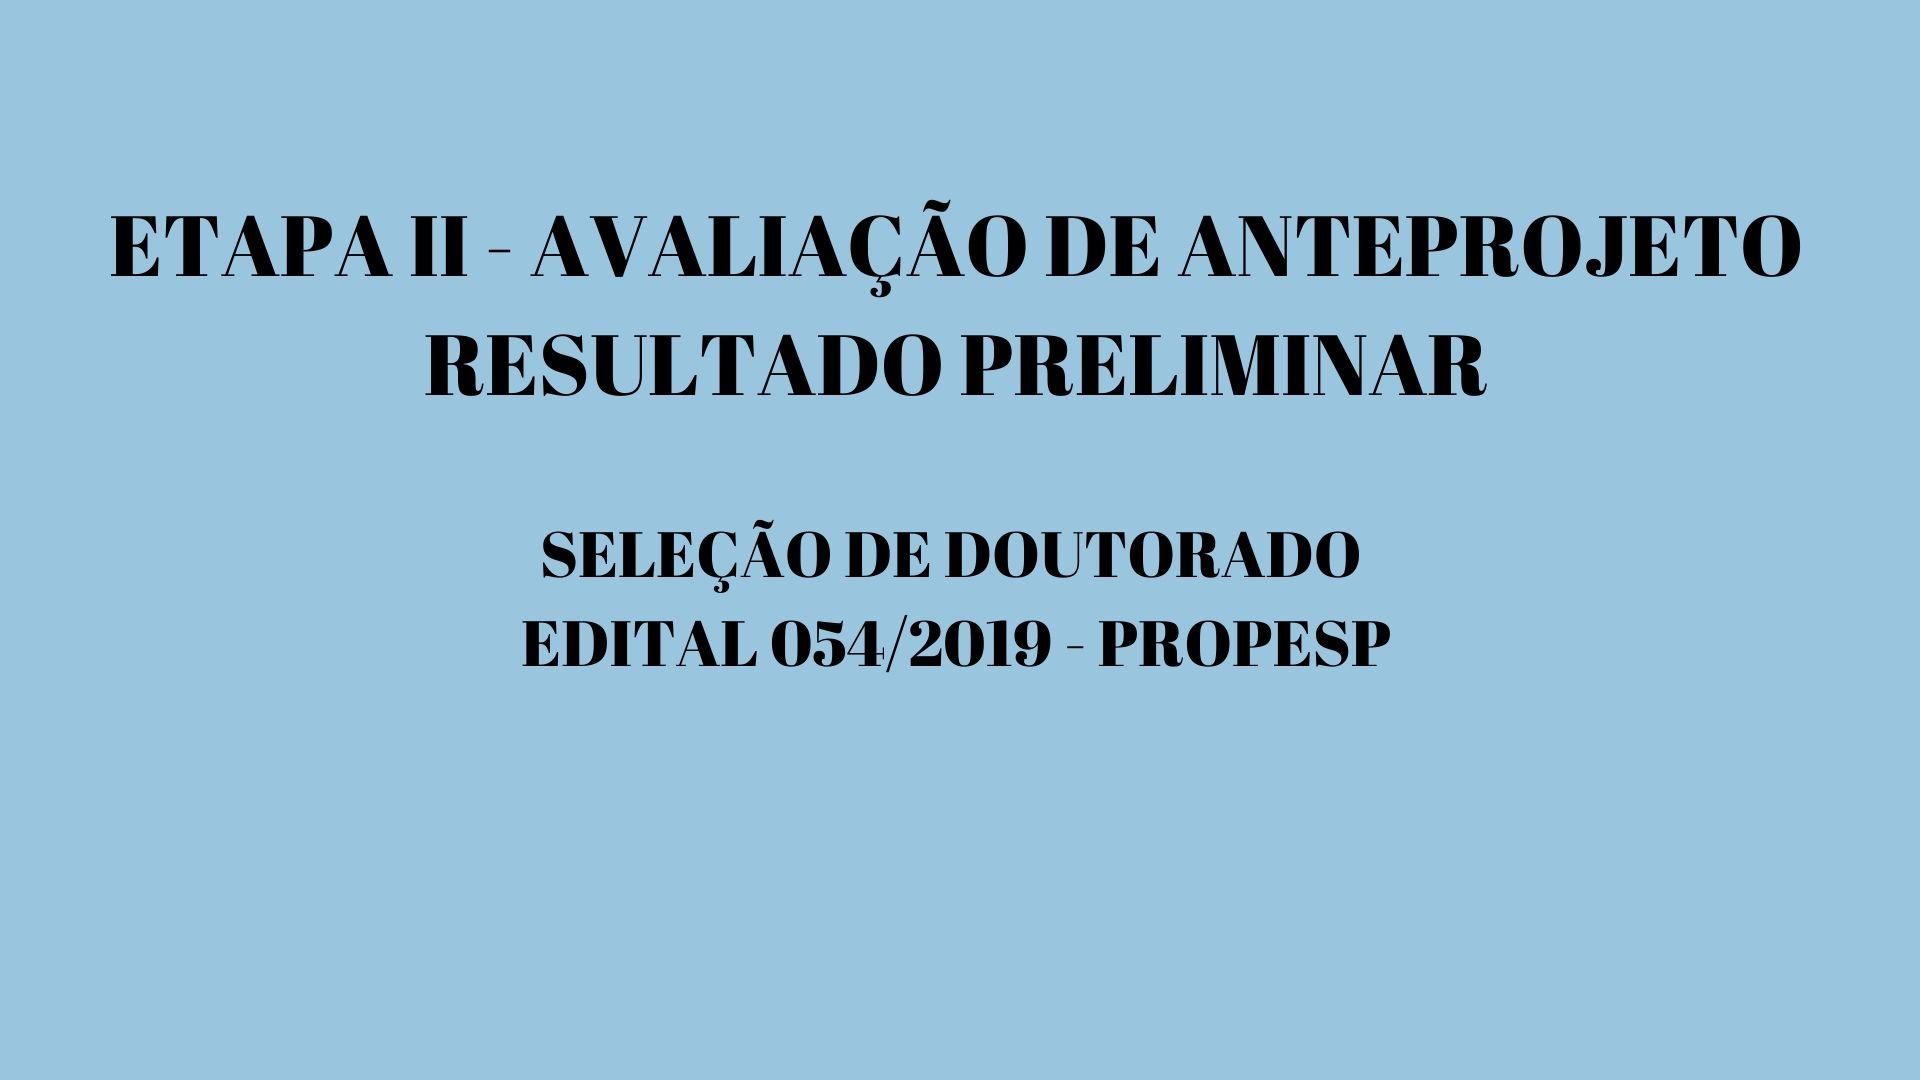 Seleção de Doutorado -Resultado Etapa II - Avaliação de Anteprojeto